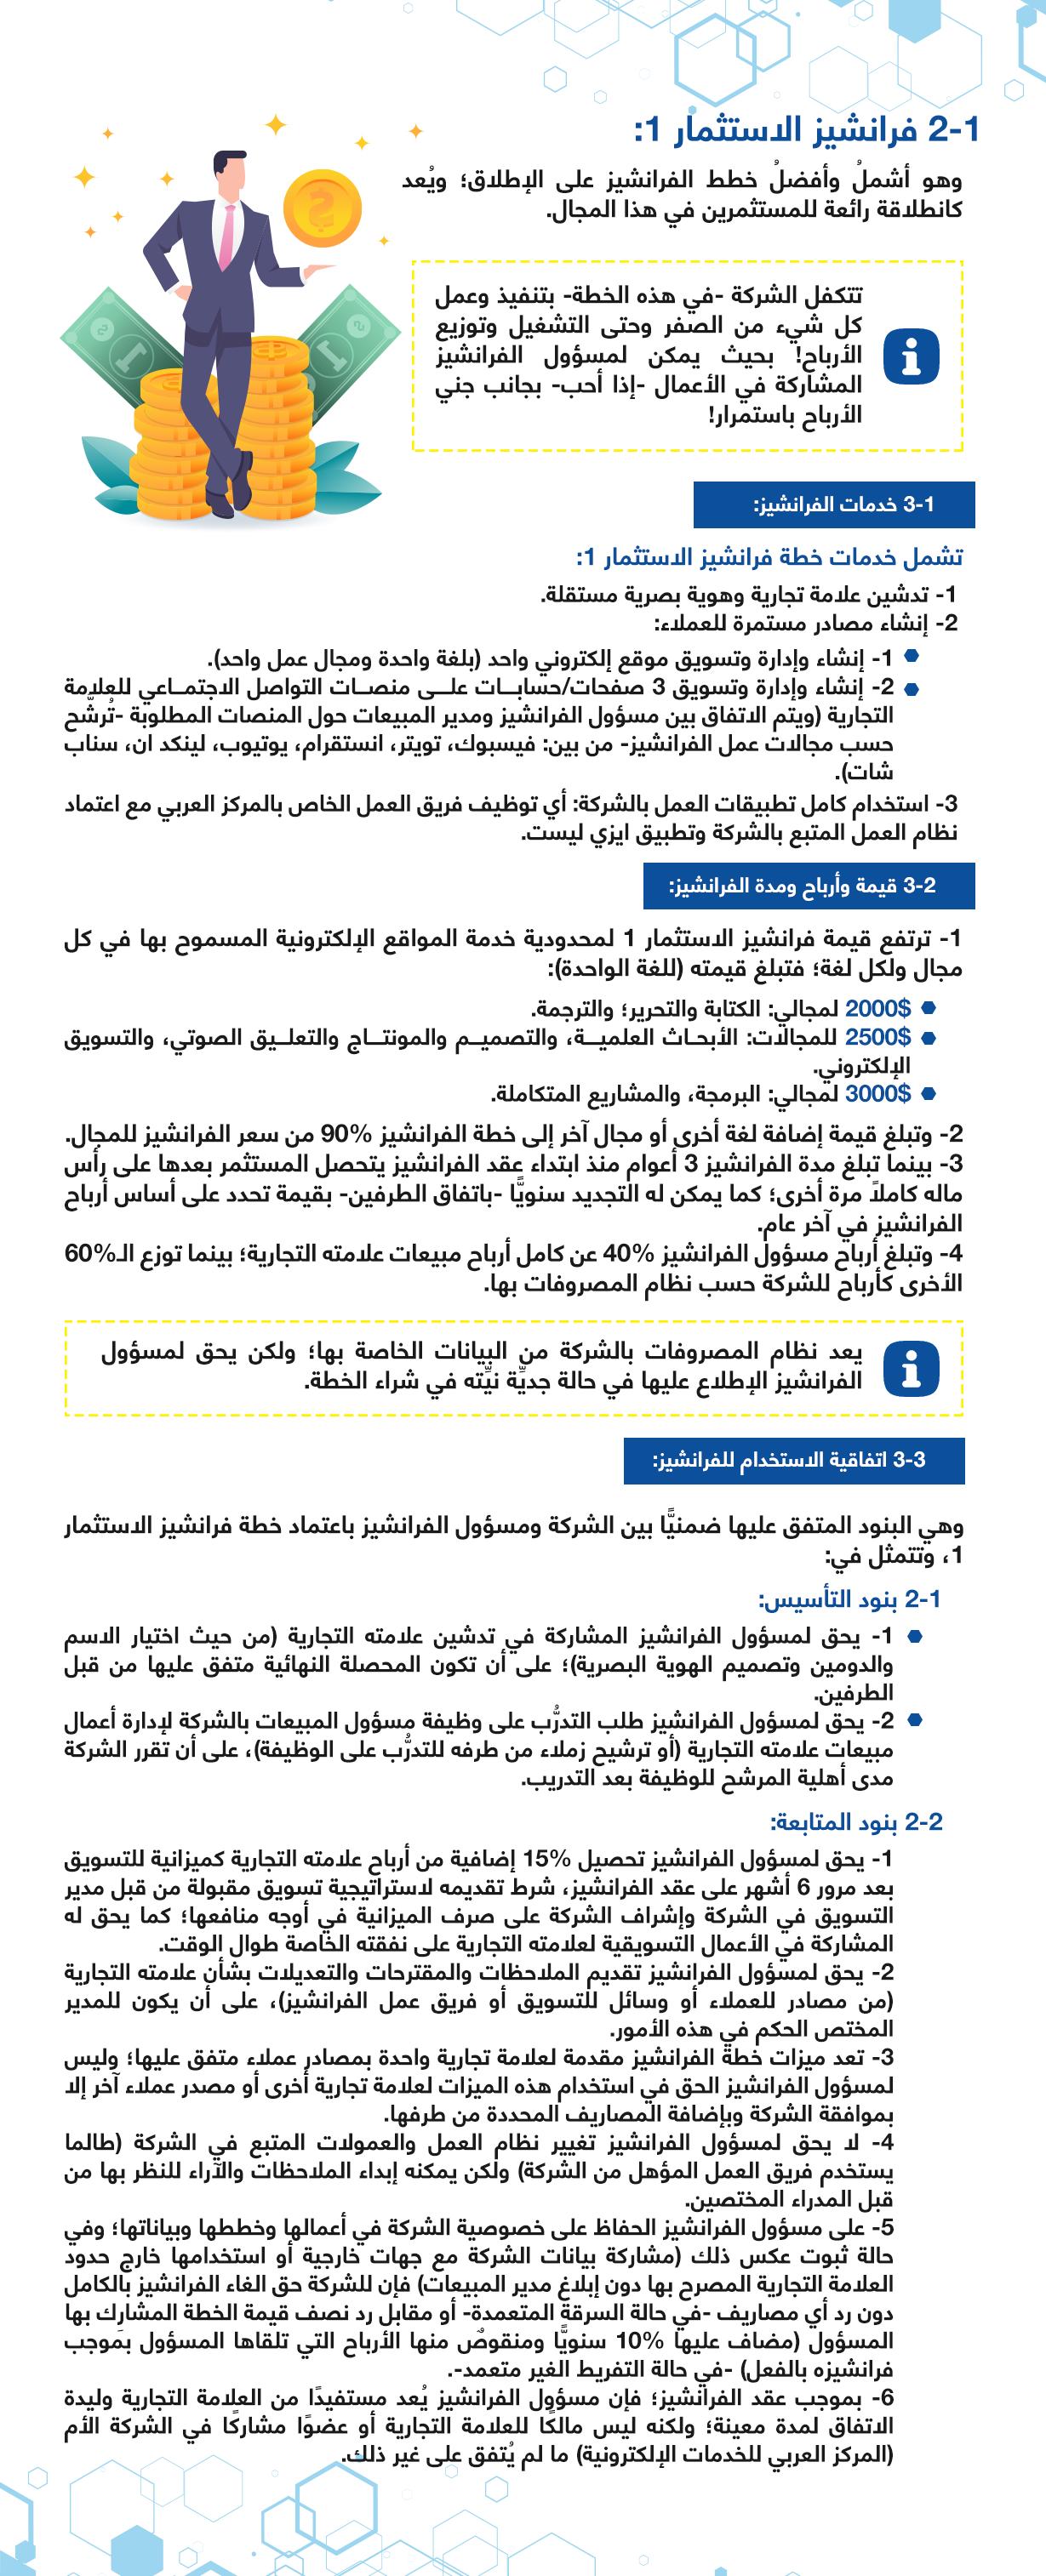 خطة فرانشيز الاستثمار 1 بالمركز العربي للخدمات الإلكترونية